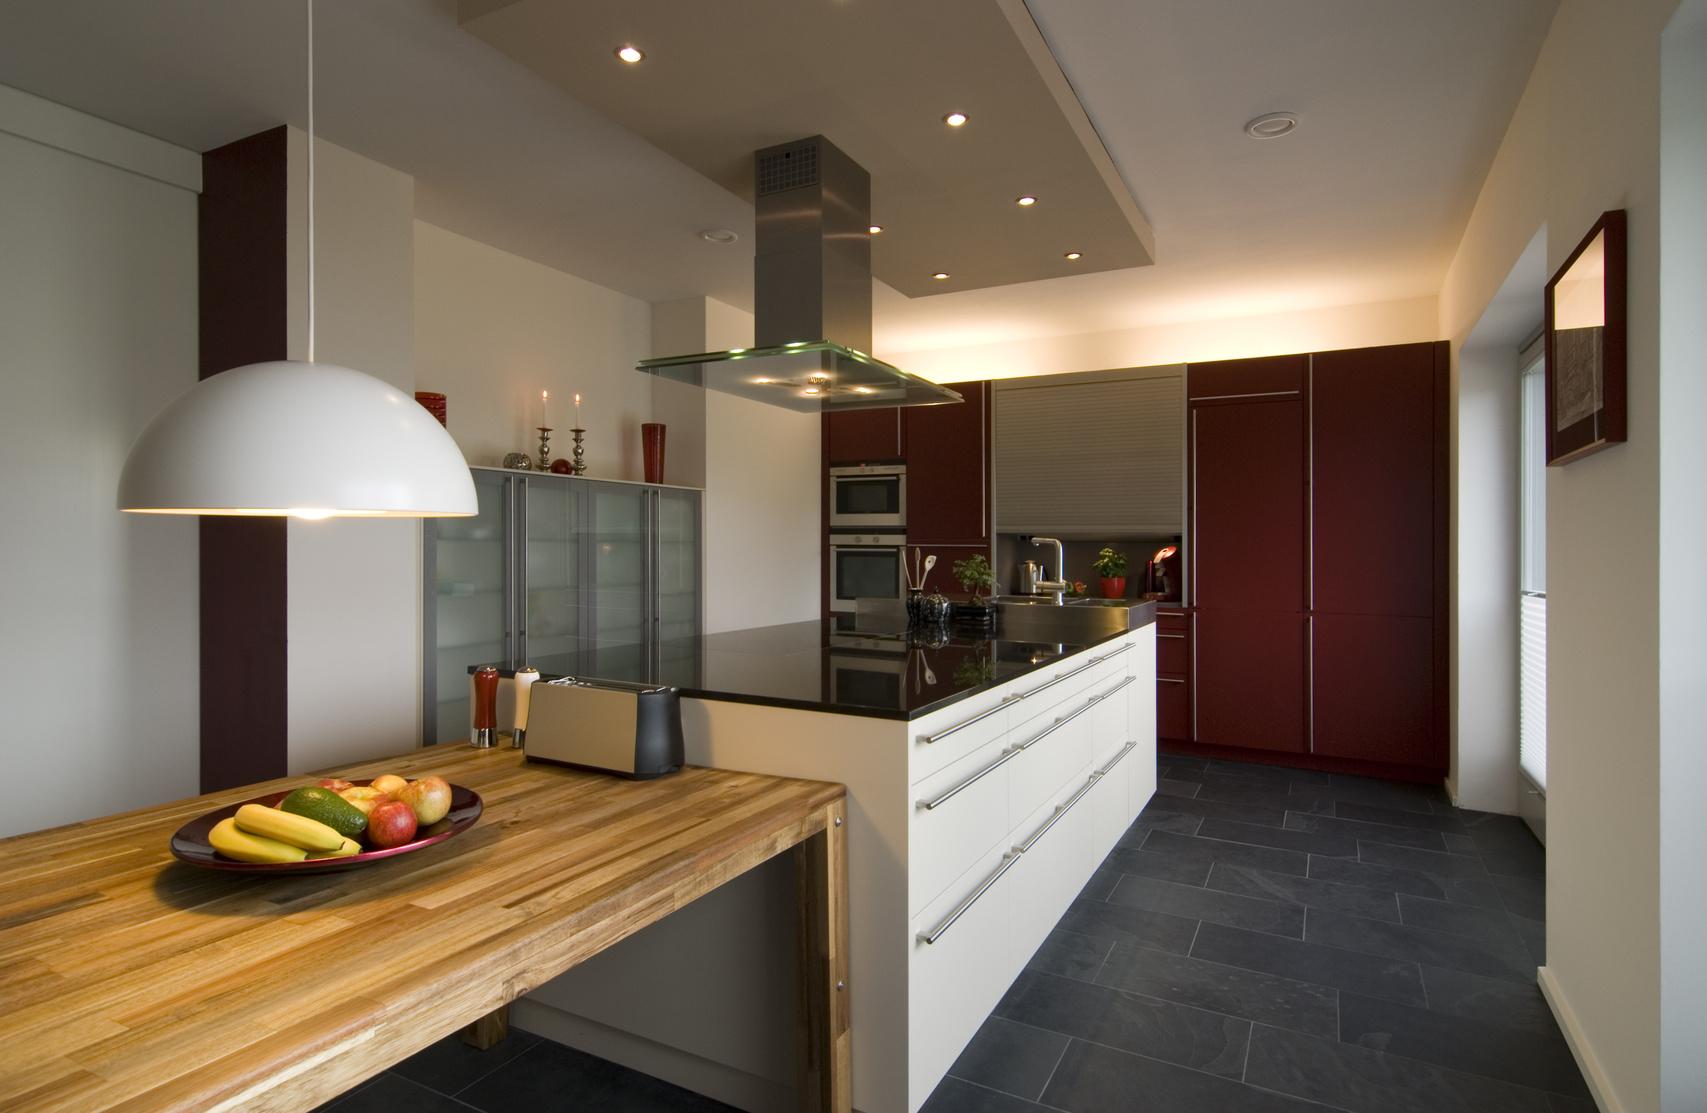 Decoration interieur de la cuisine for Decoration interieur cuisine